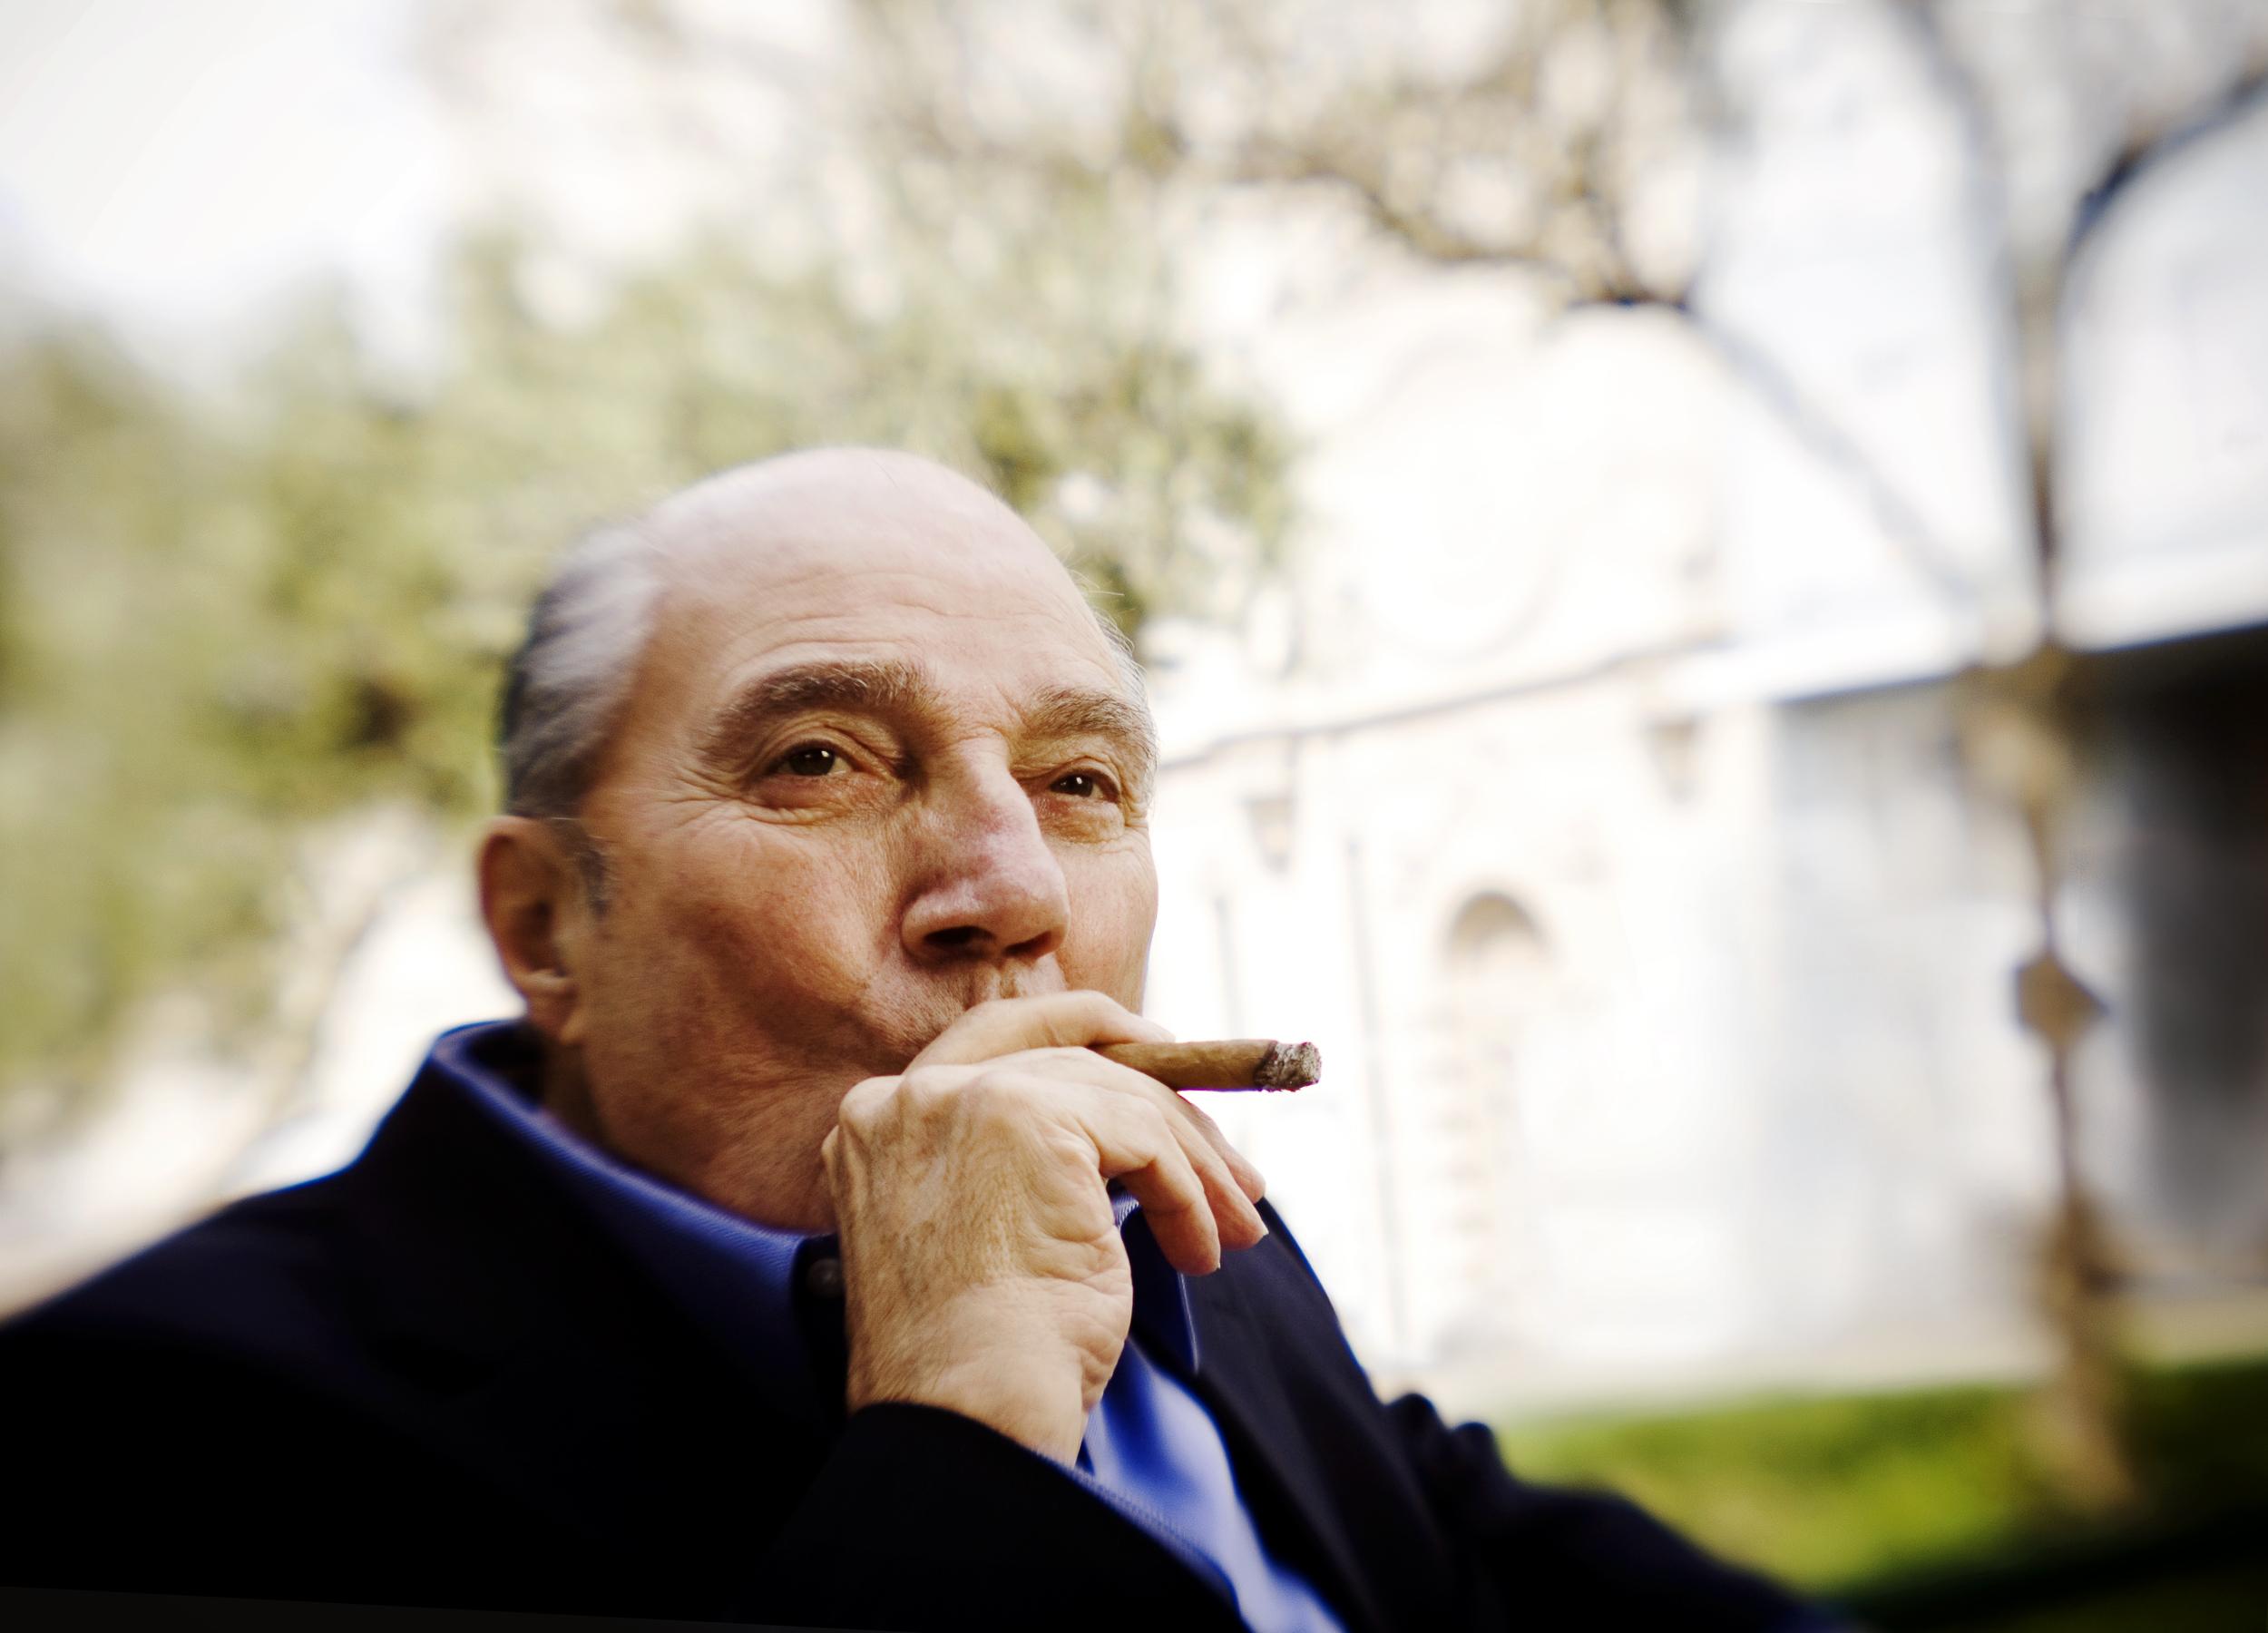 cigar man_9.jpg